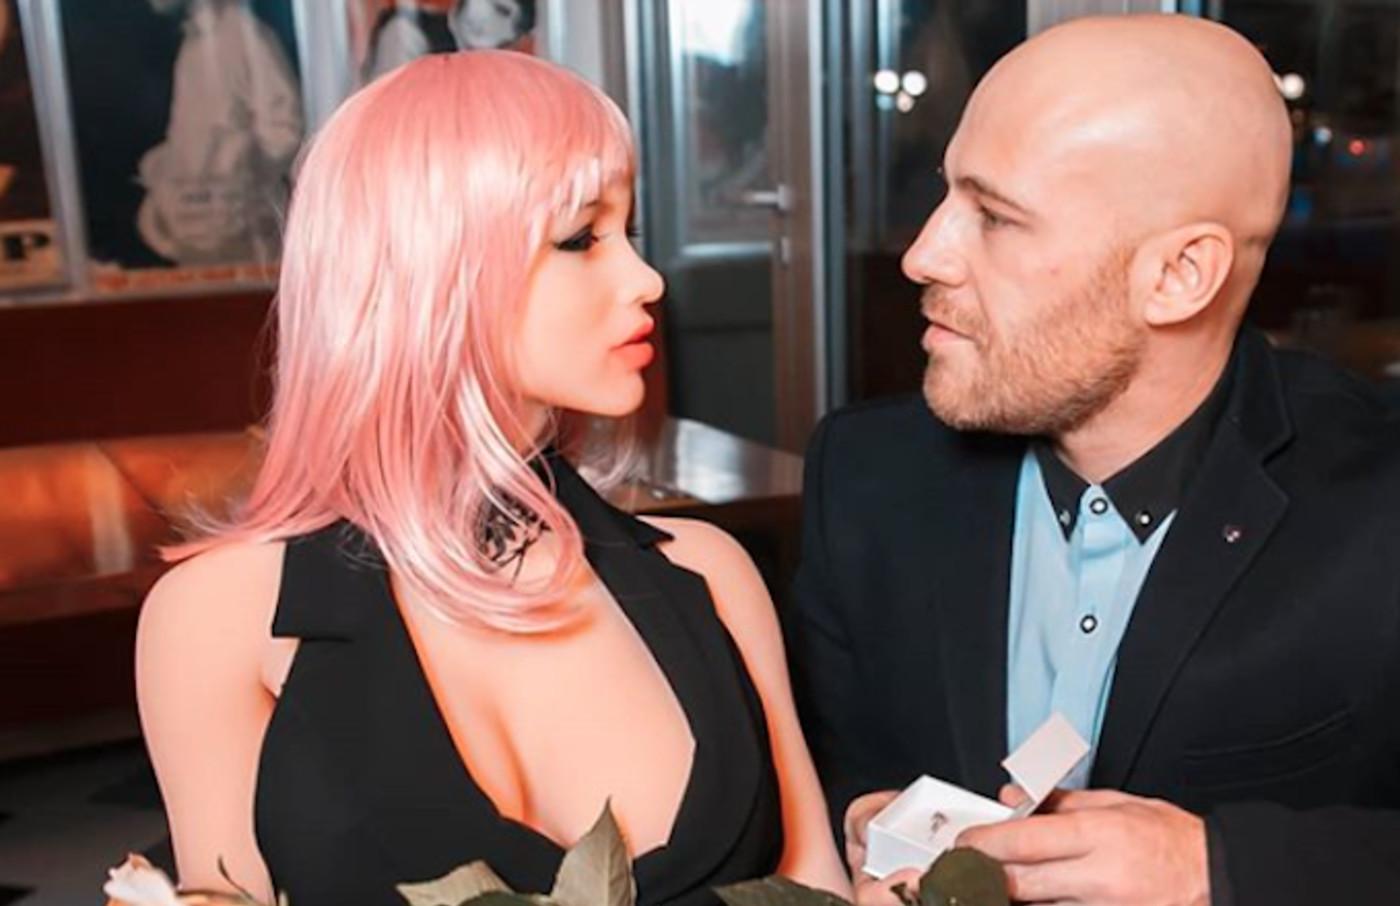 Yuri Tolochko proposes to sex doll Margo.